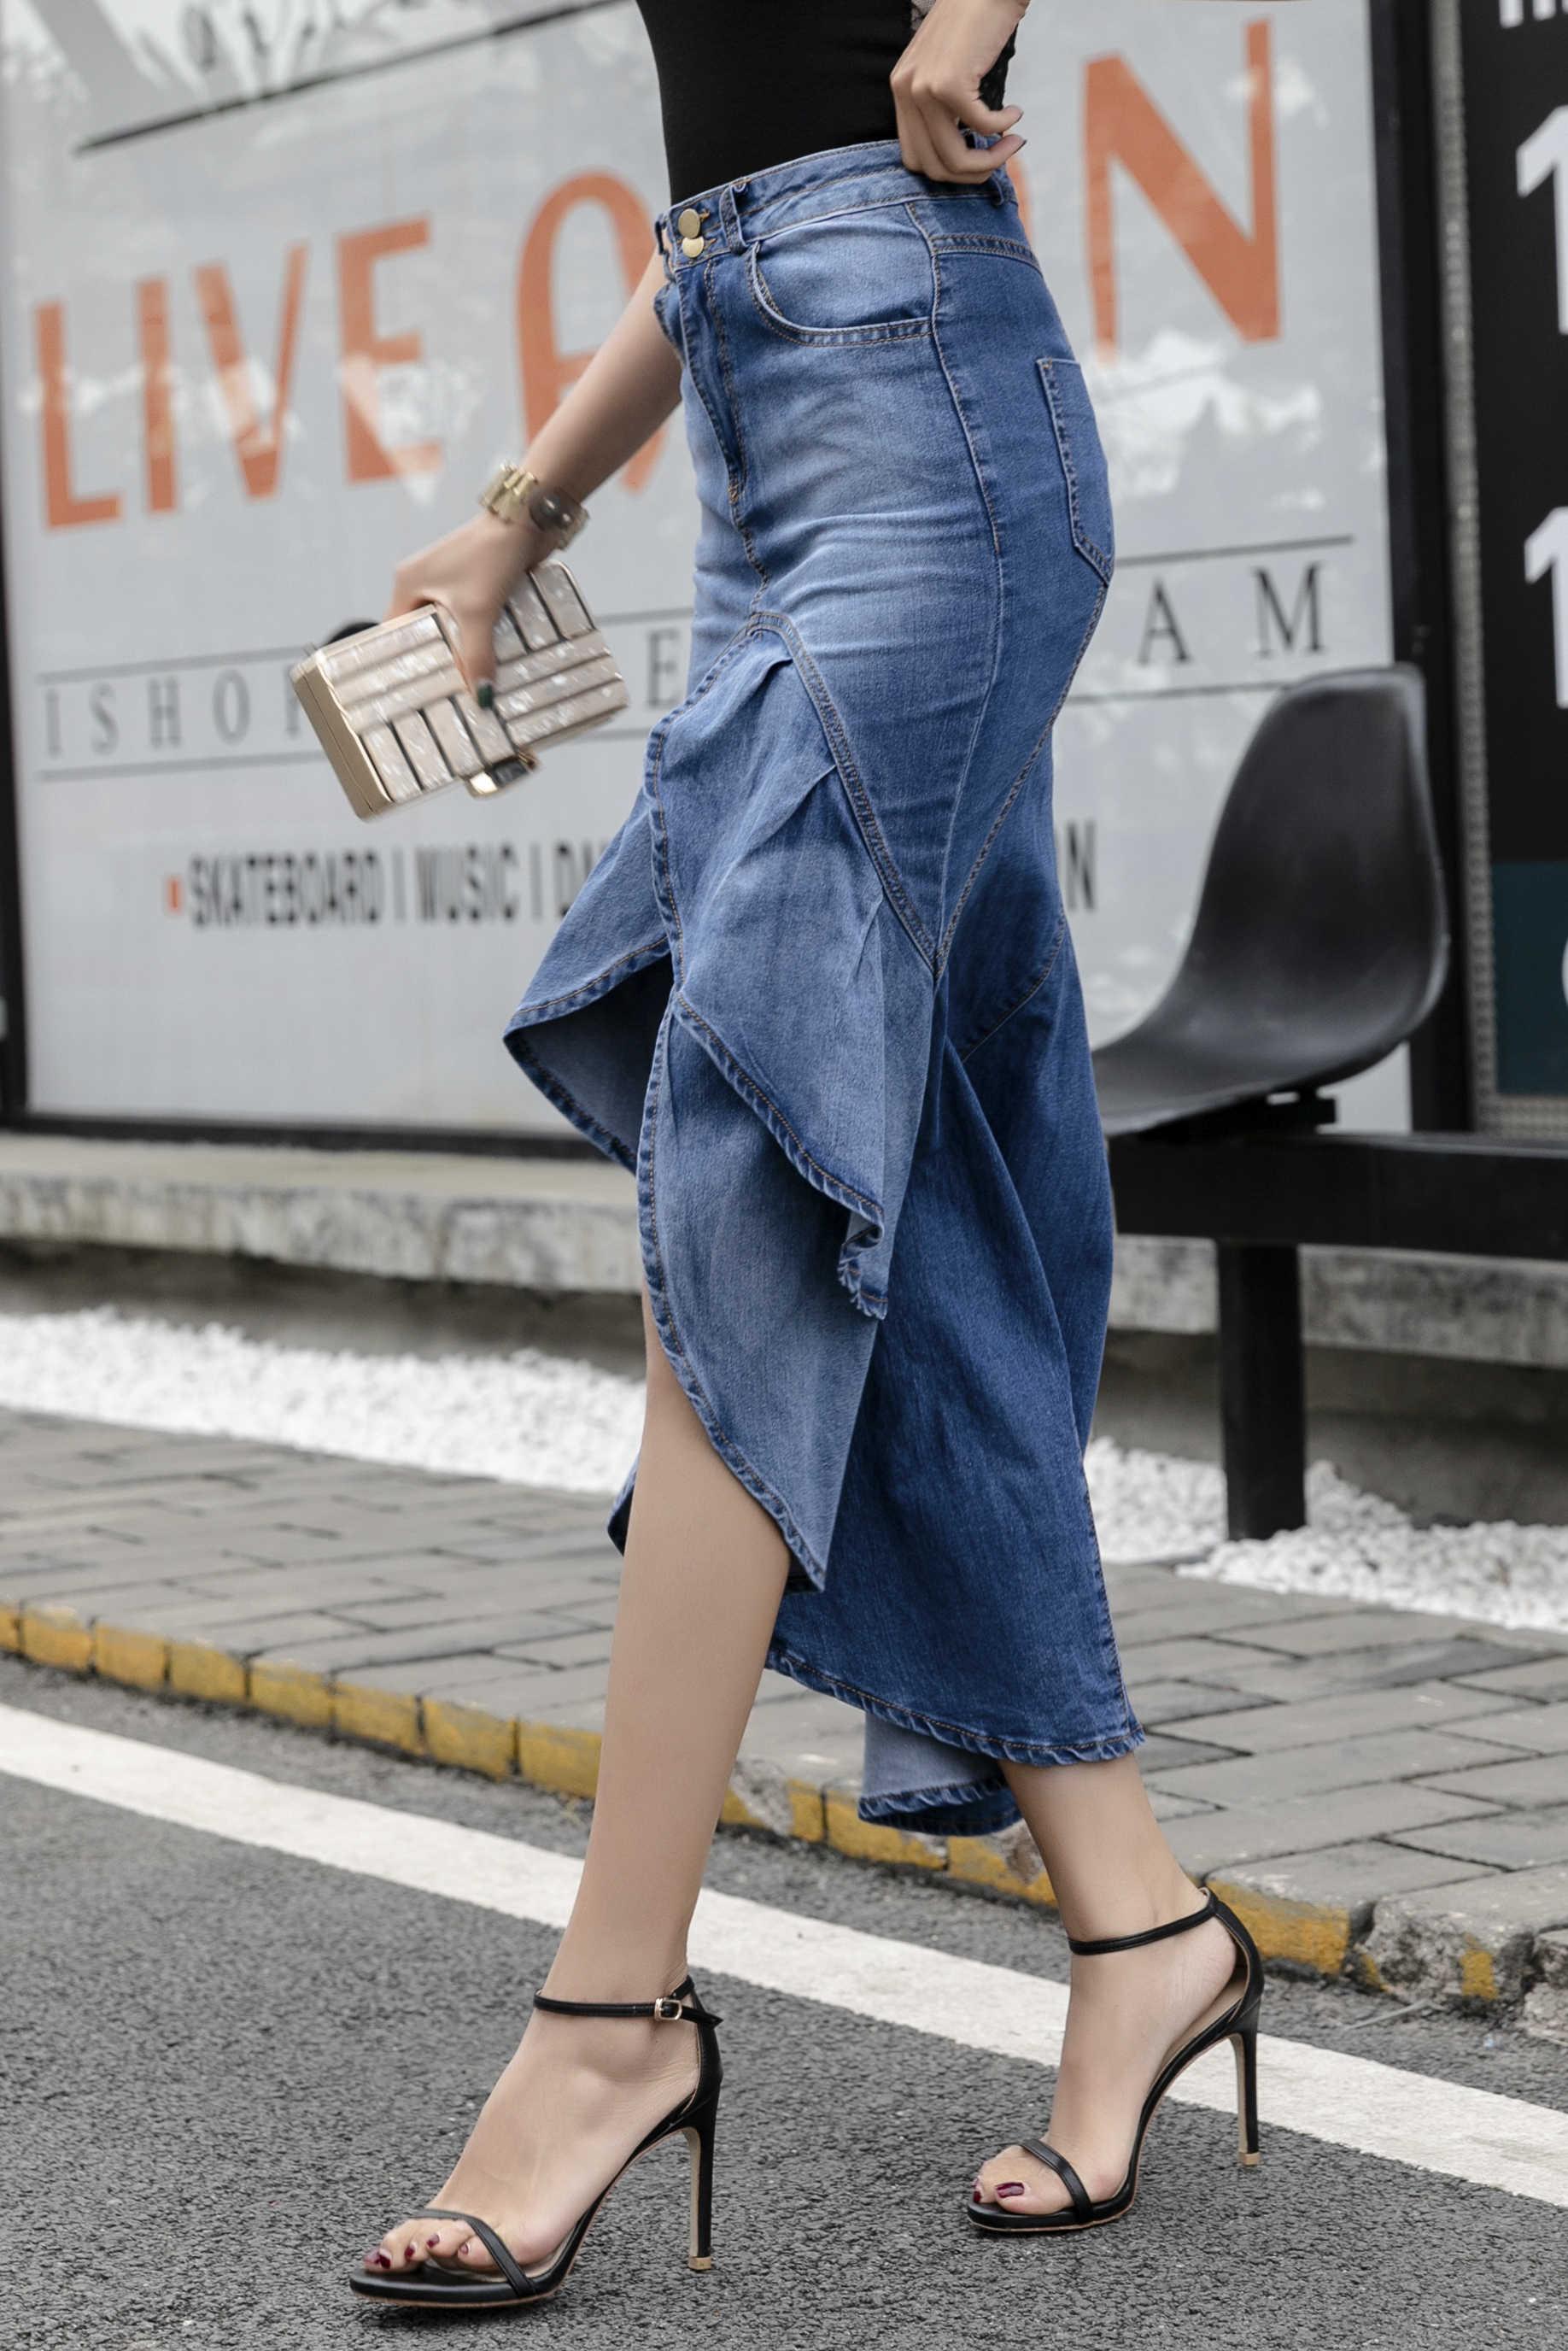 Женская длинная джинсовая юбка высокая талия кисточка с градиентом джинсы труба крутой рыбий хвост Русалка Богемские юбки макси русалка юбки женские